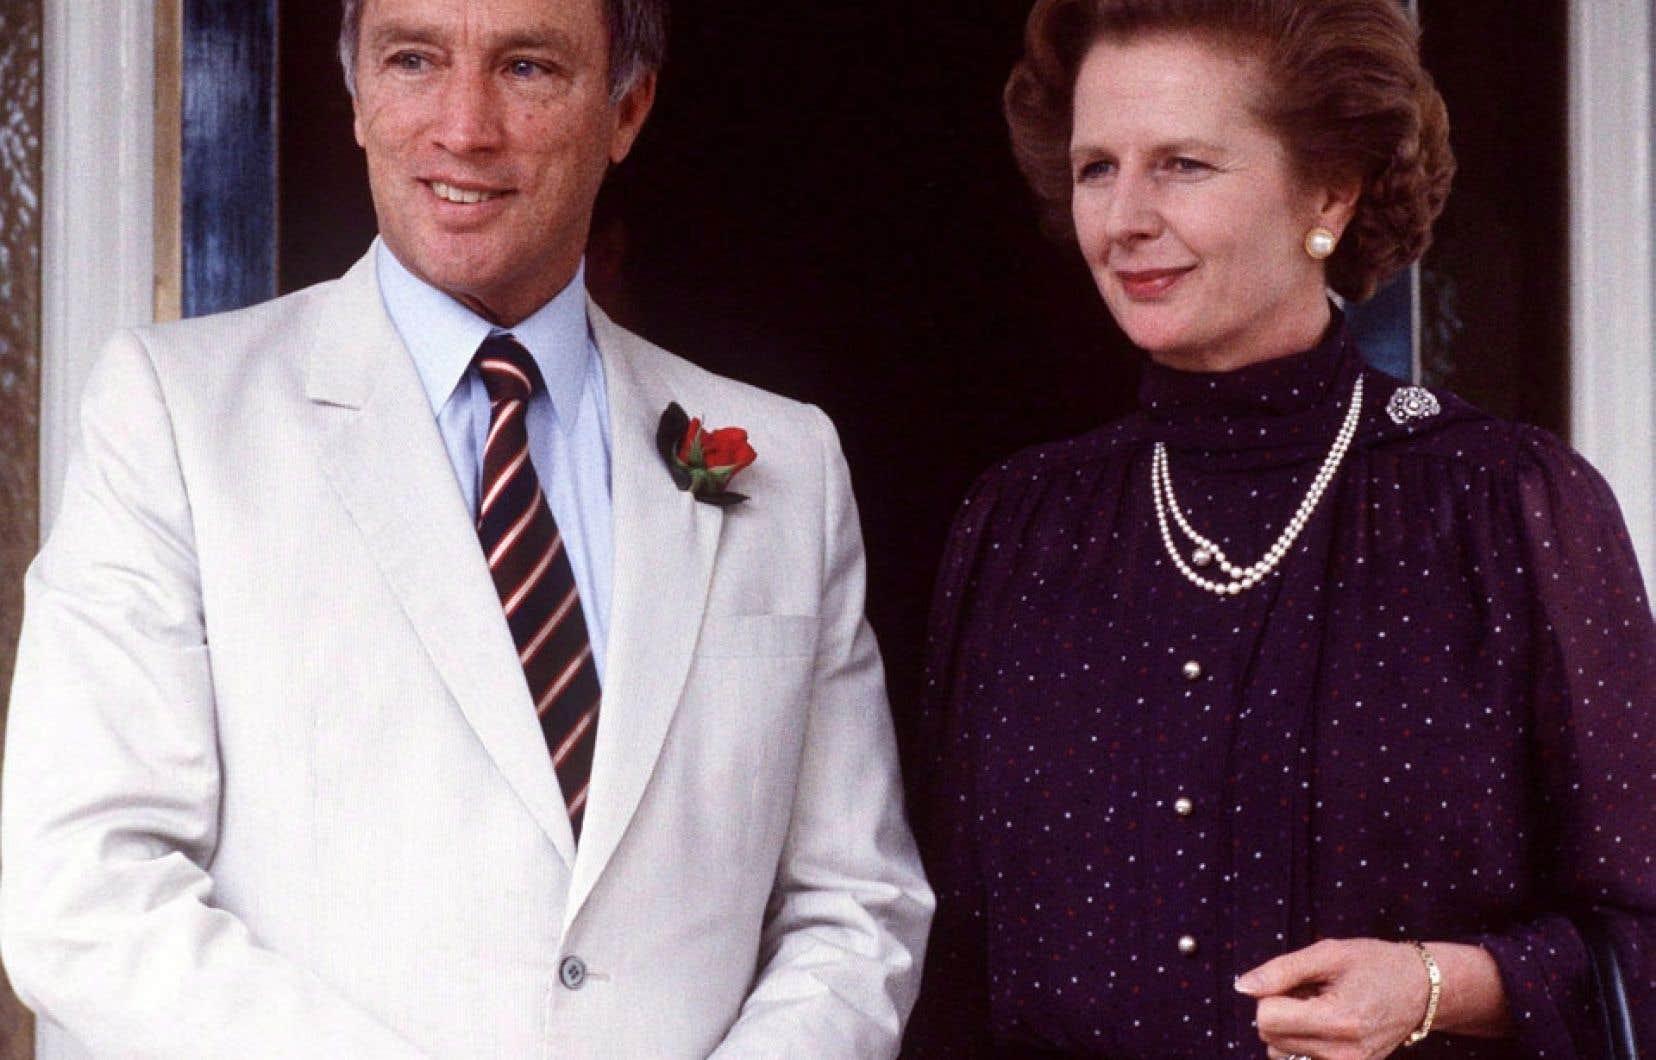 Pierre Elliott Trudeau a rencontré l'ex-première ministre britannique Margaret Thatcher à un moment crucial des tractations pour le rapatriement de la Constitution. Or, le gouvernement refuse de dévoiler l'information sur cette rencontre. Ci-dessus, les deux dirigeants en Australie, en octobre 1981.